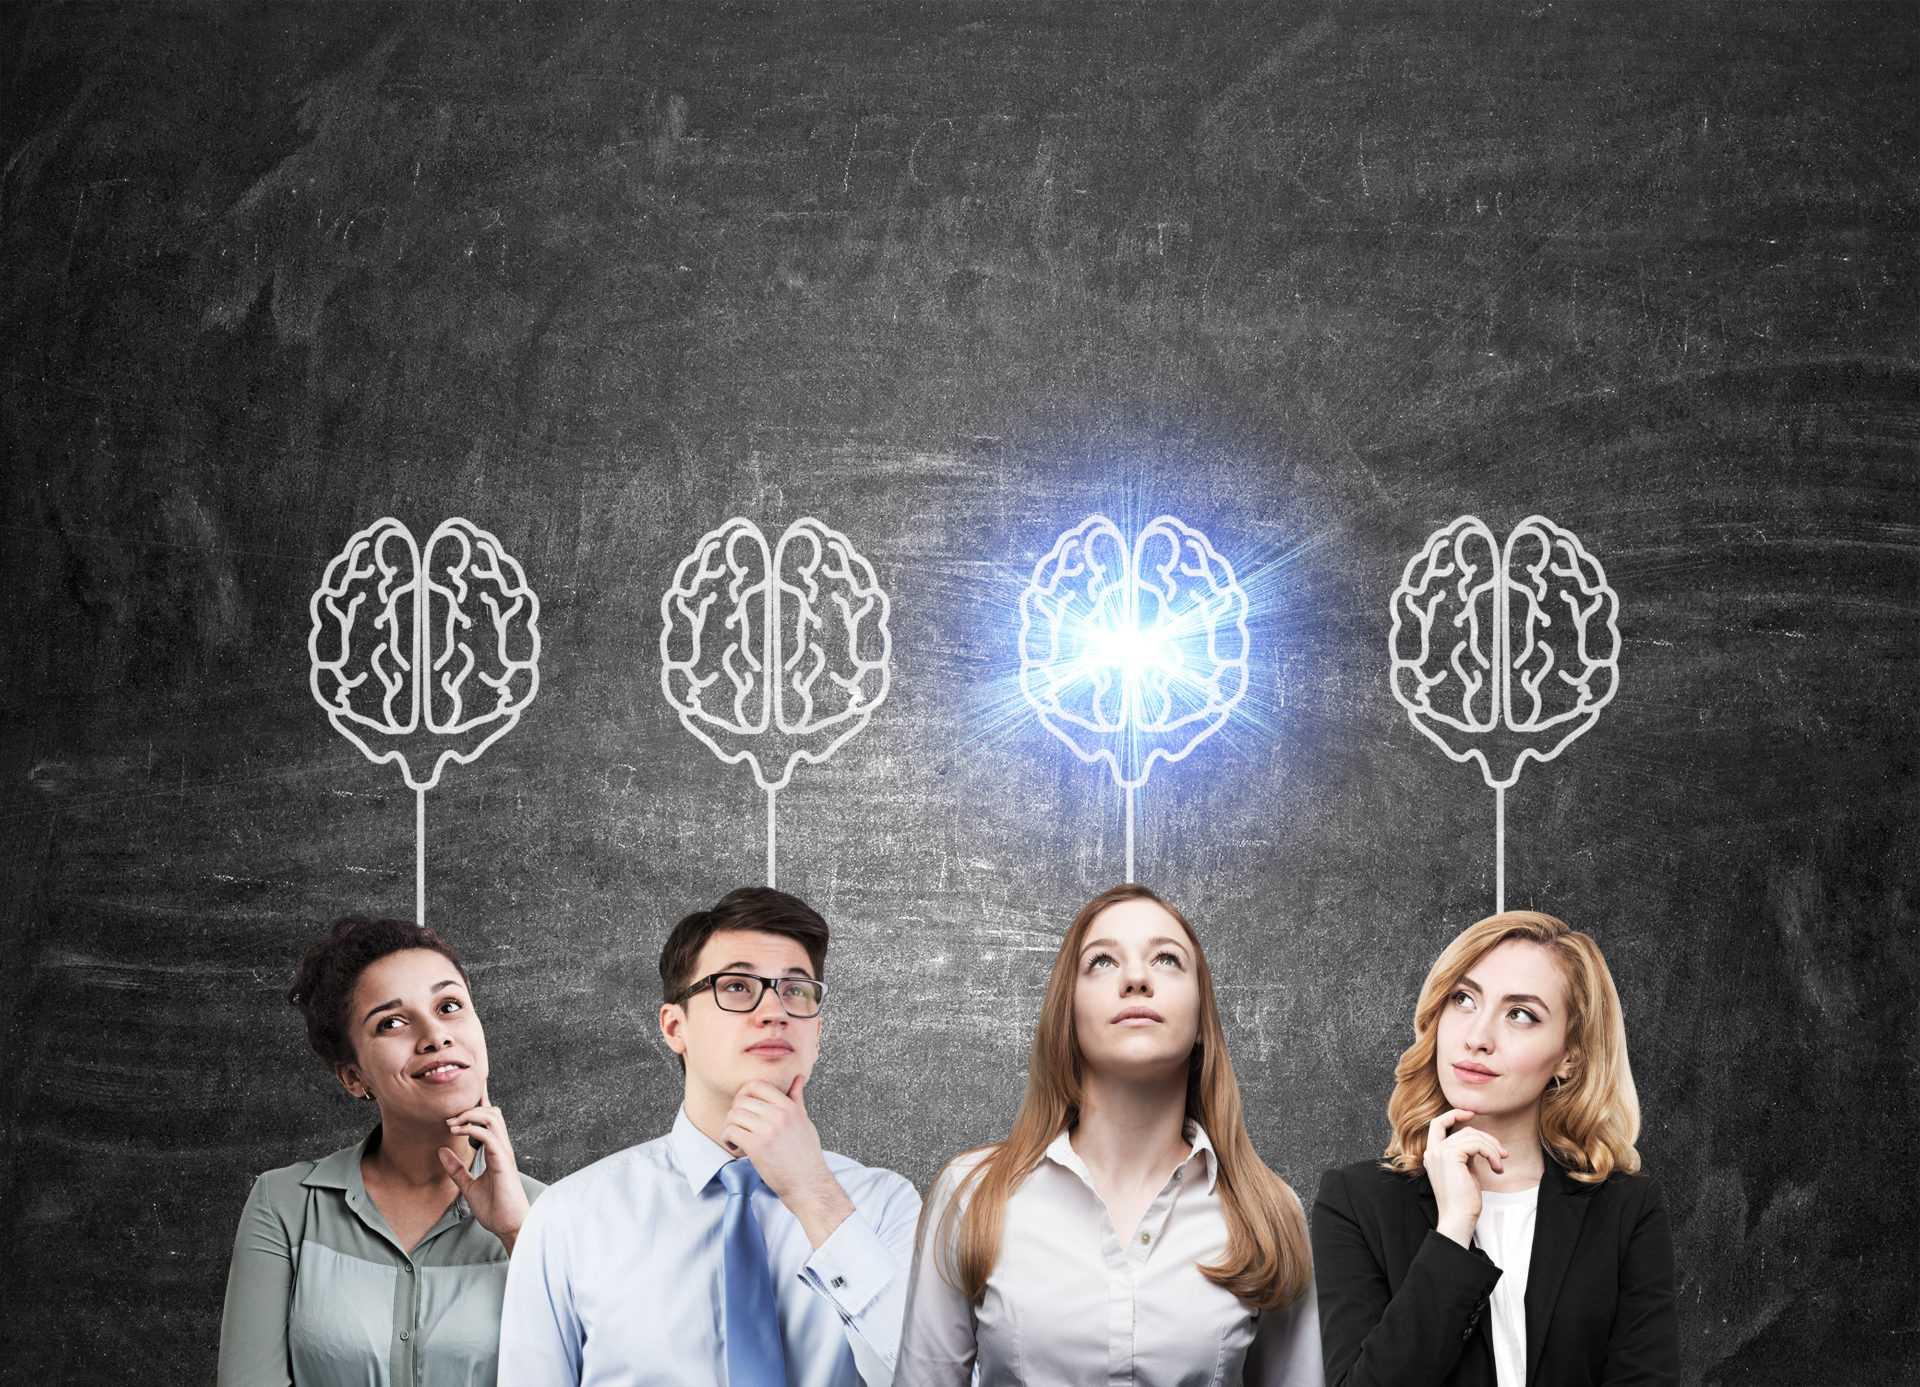 Как отличить умного человека: психологи назвали 5 признаков глупости